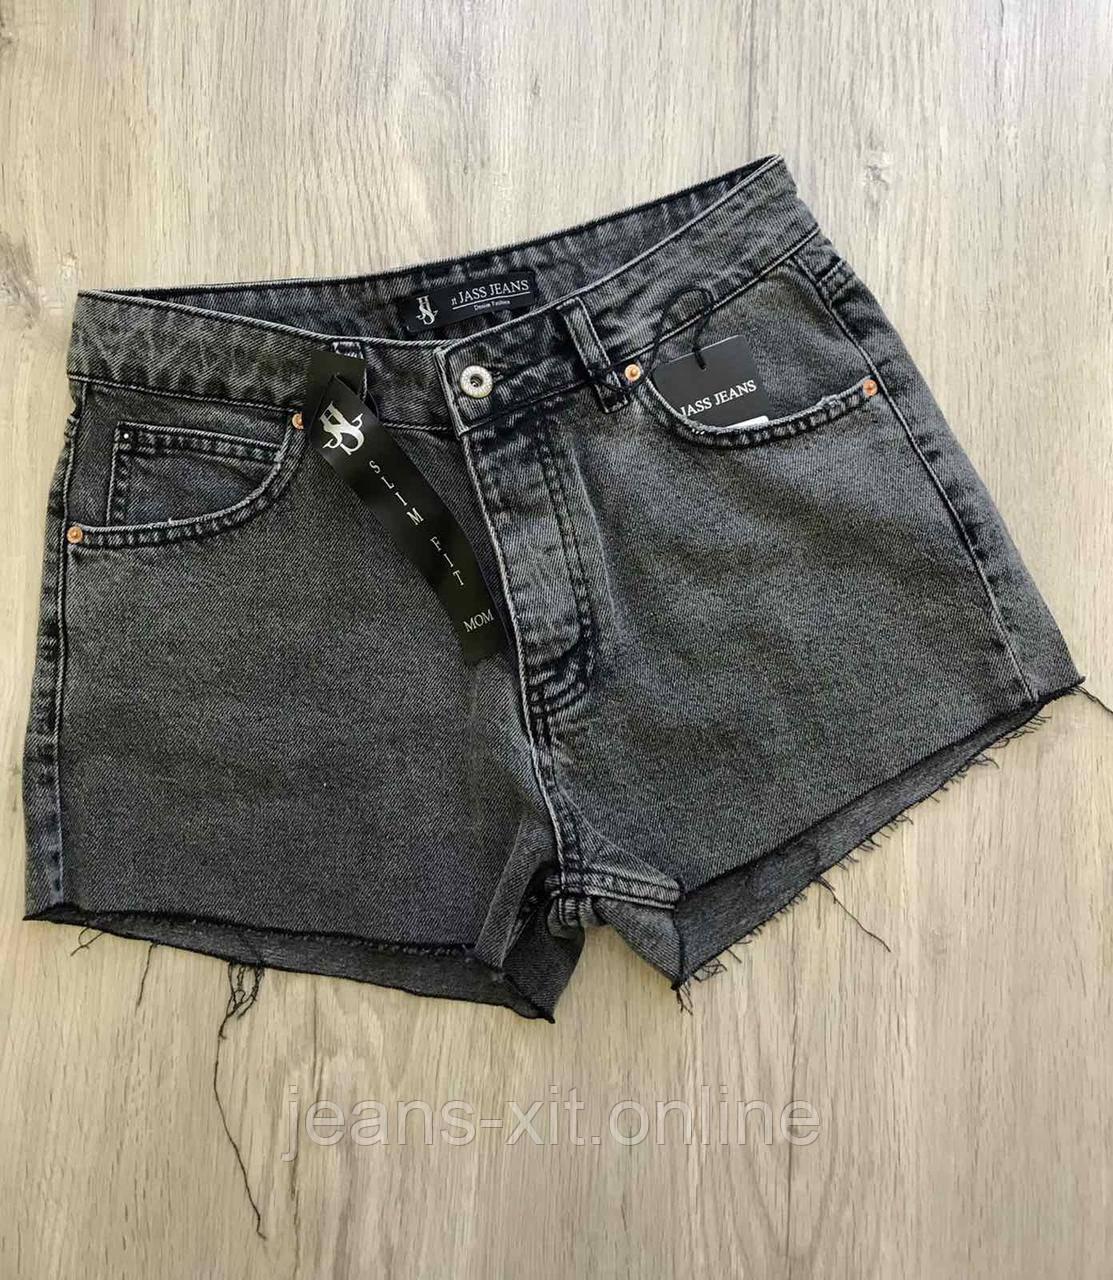 Шорты женские 26(р) темно-серые 7050 Jass Jeans Турция Лето-C